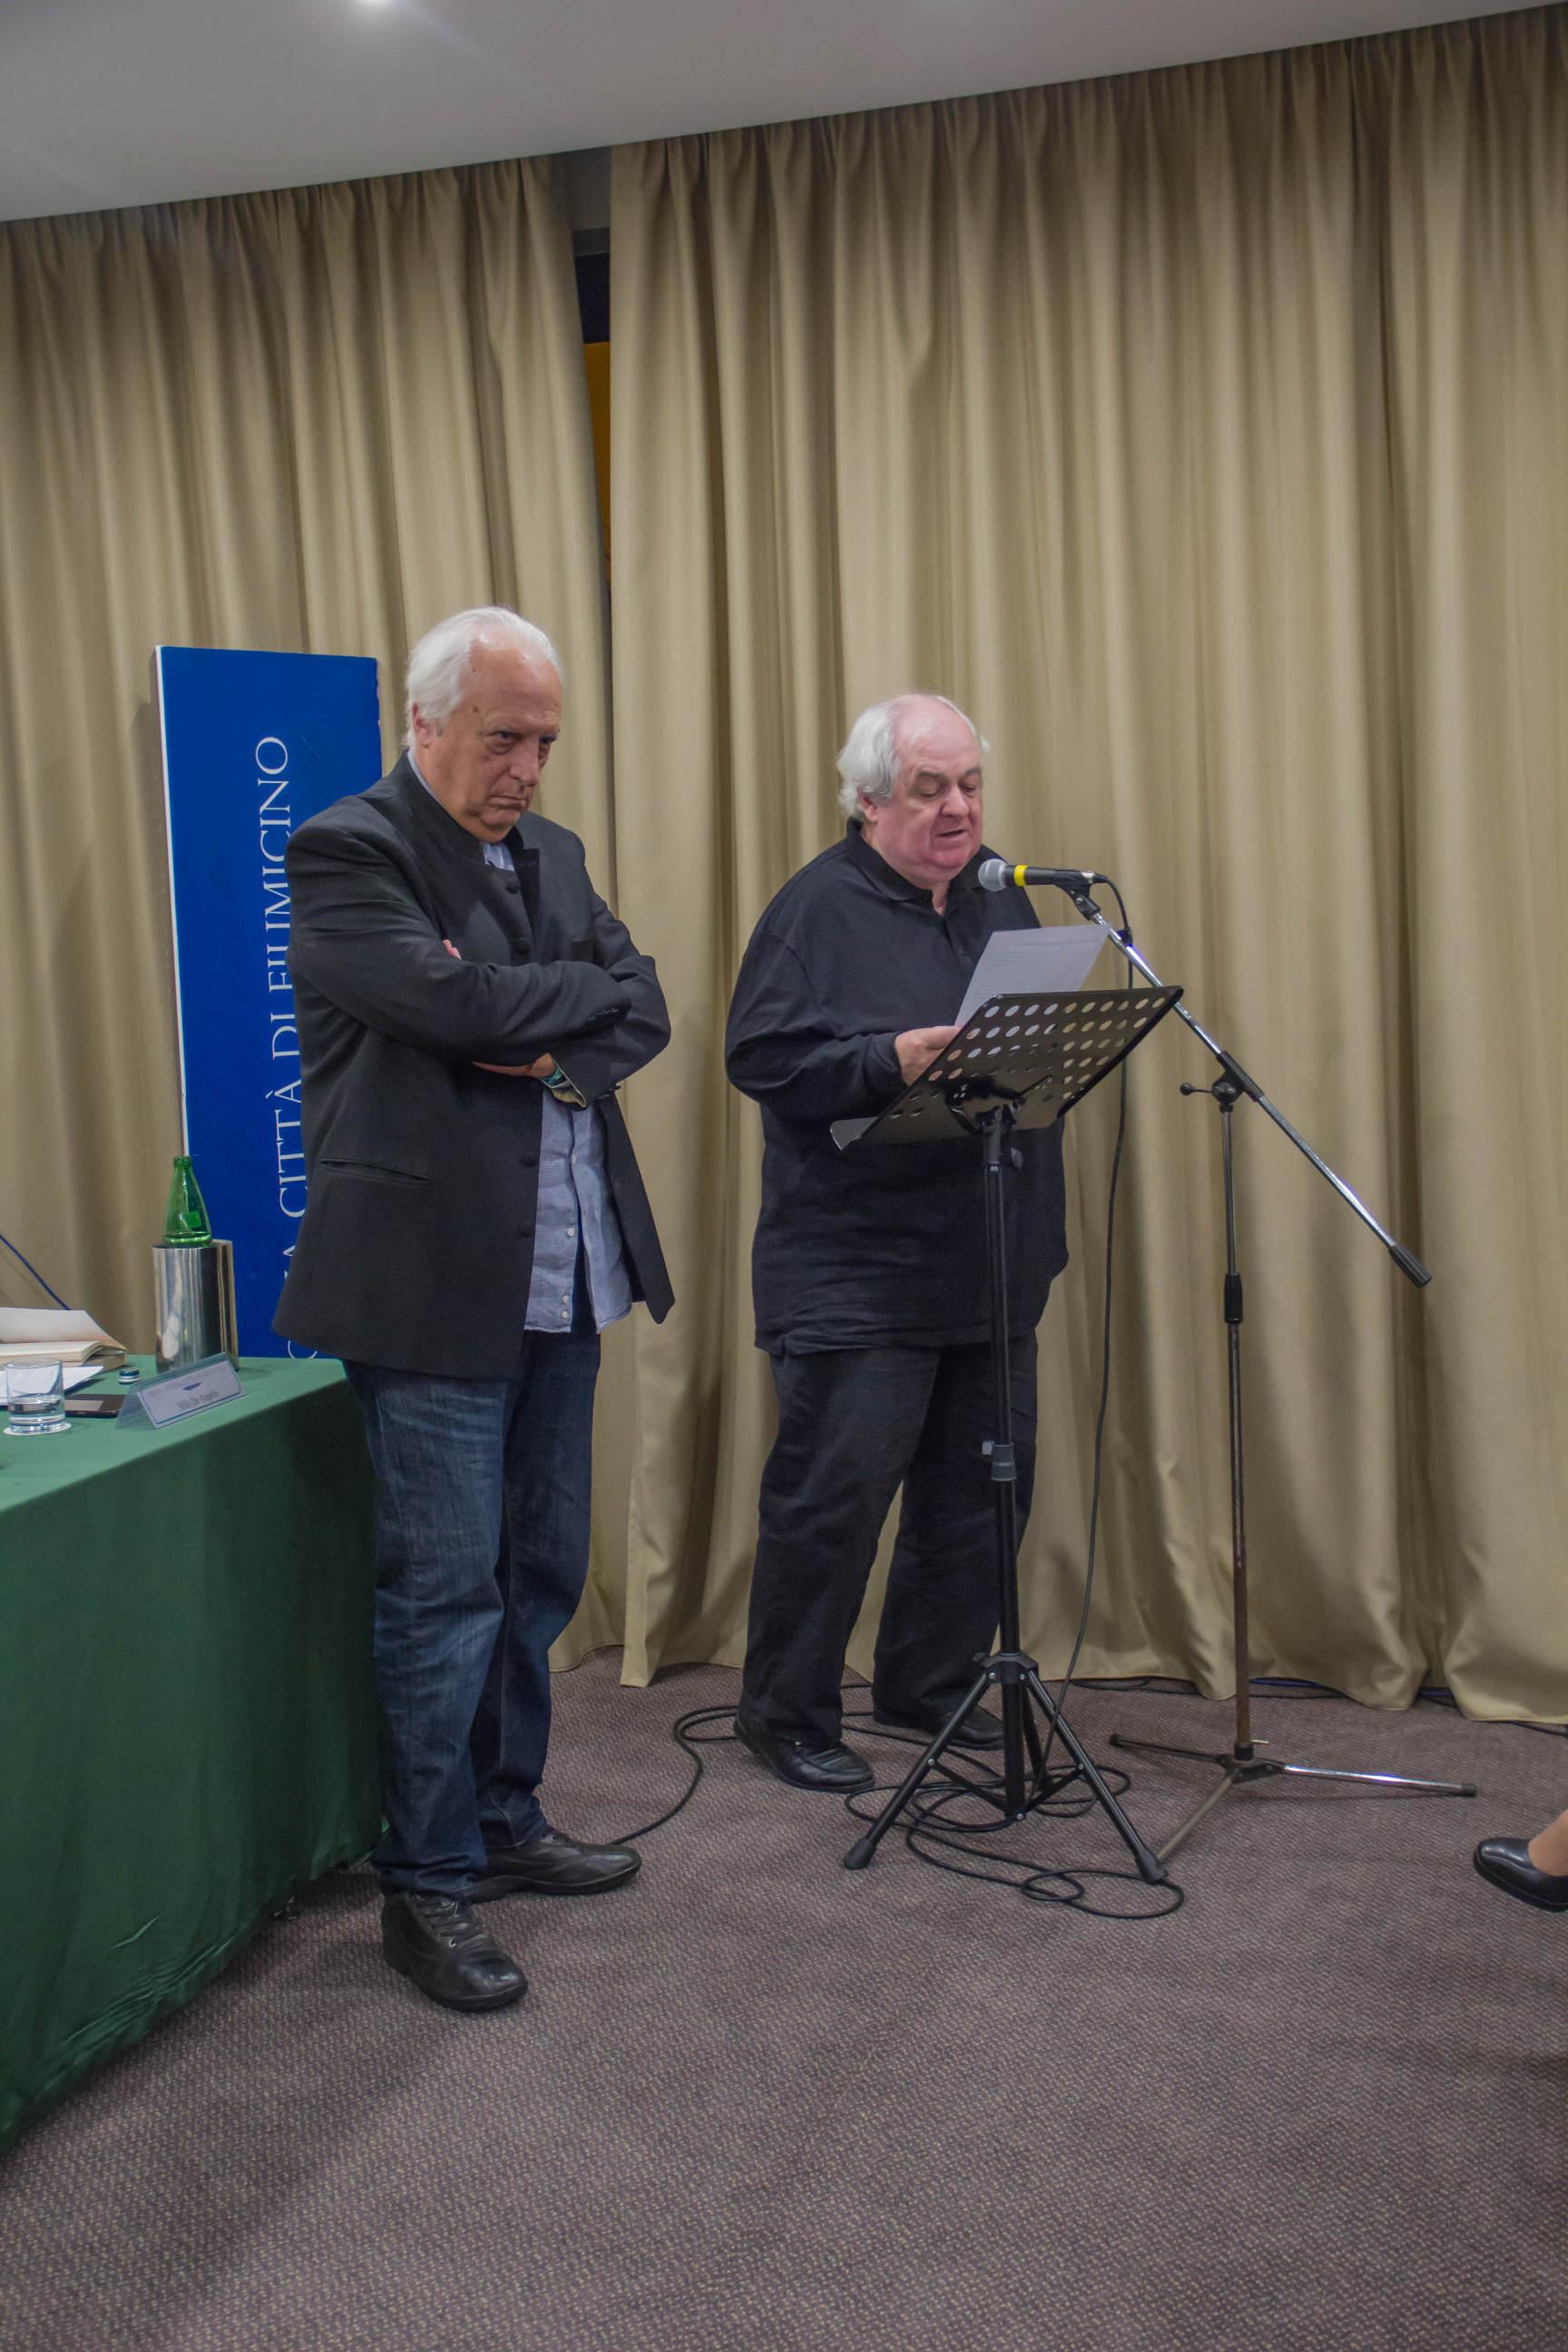 Milo De Angelis legge le motivazioni per il Premio Poesia edita a Giuseppe Conte